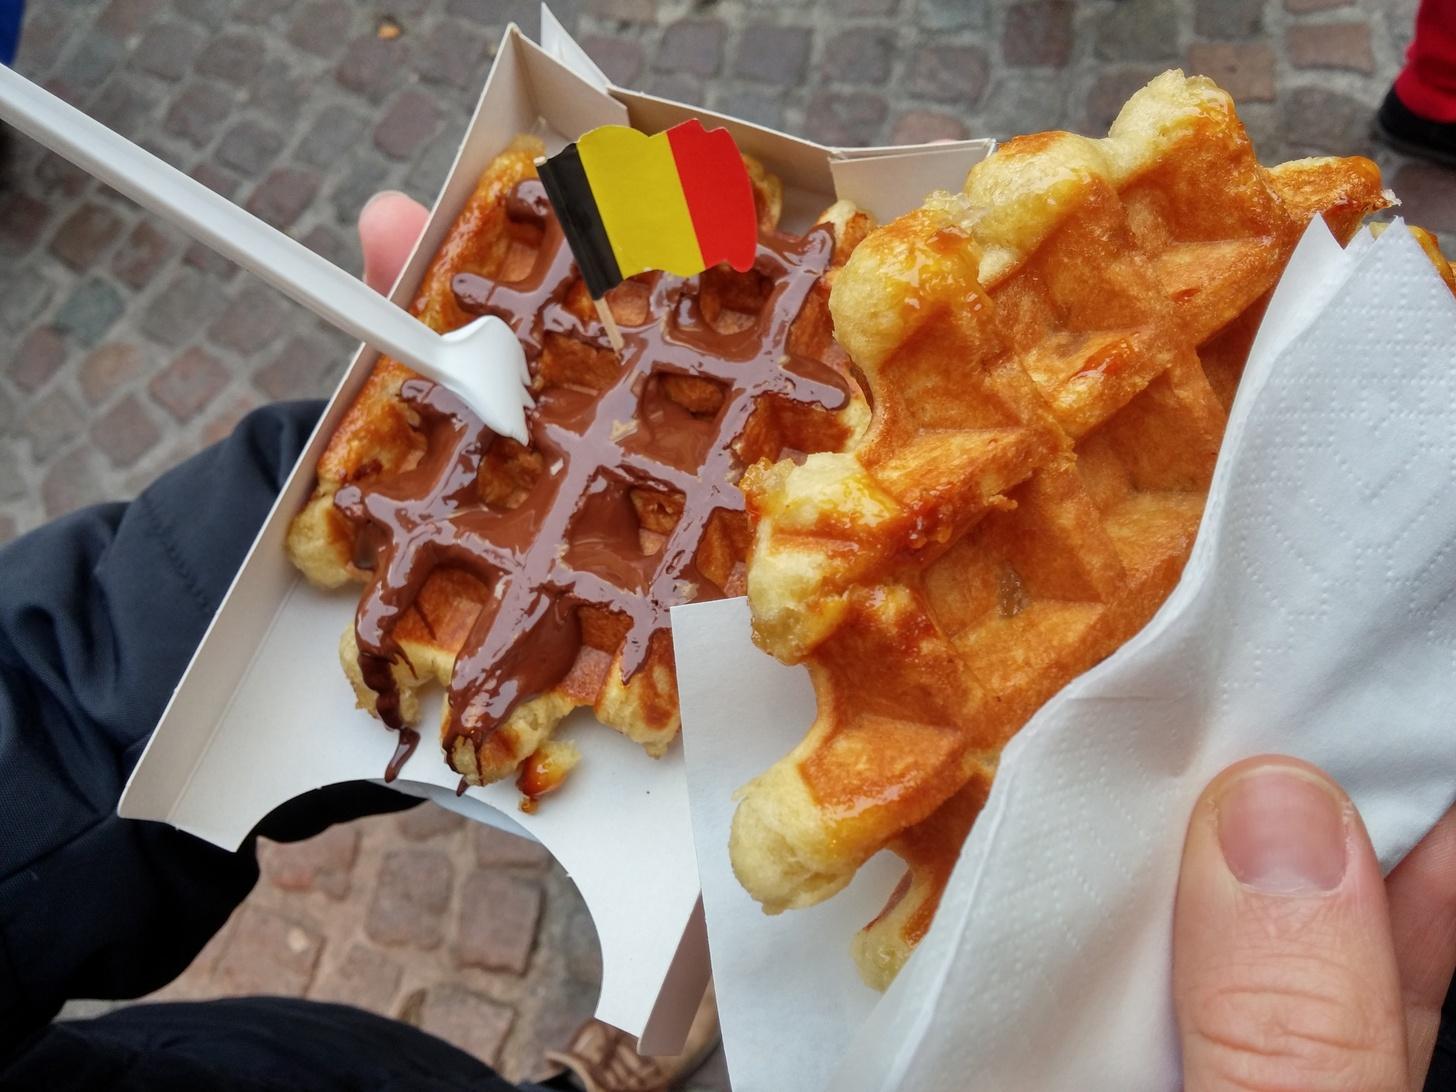 Brüsseler Waffeln mit karamelisiertem Zucker